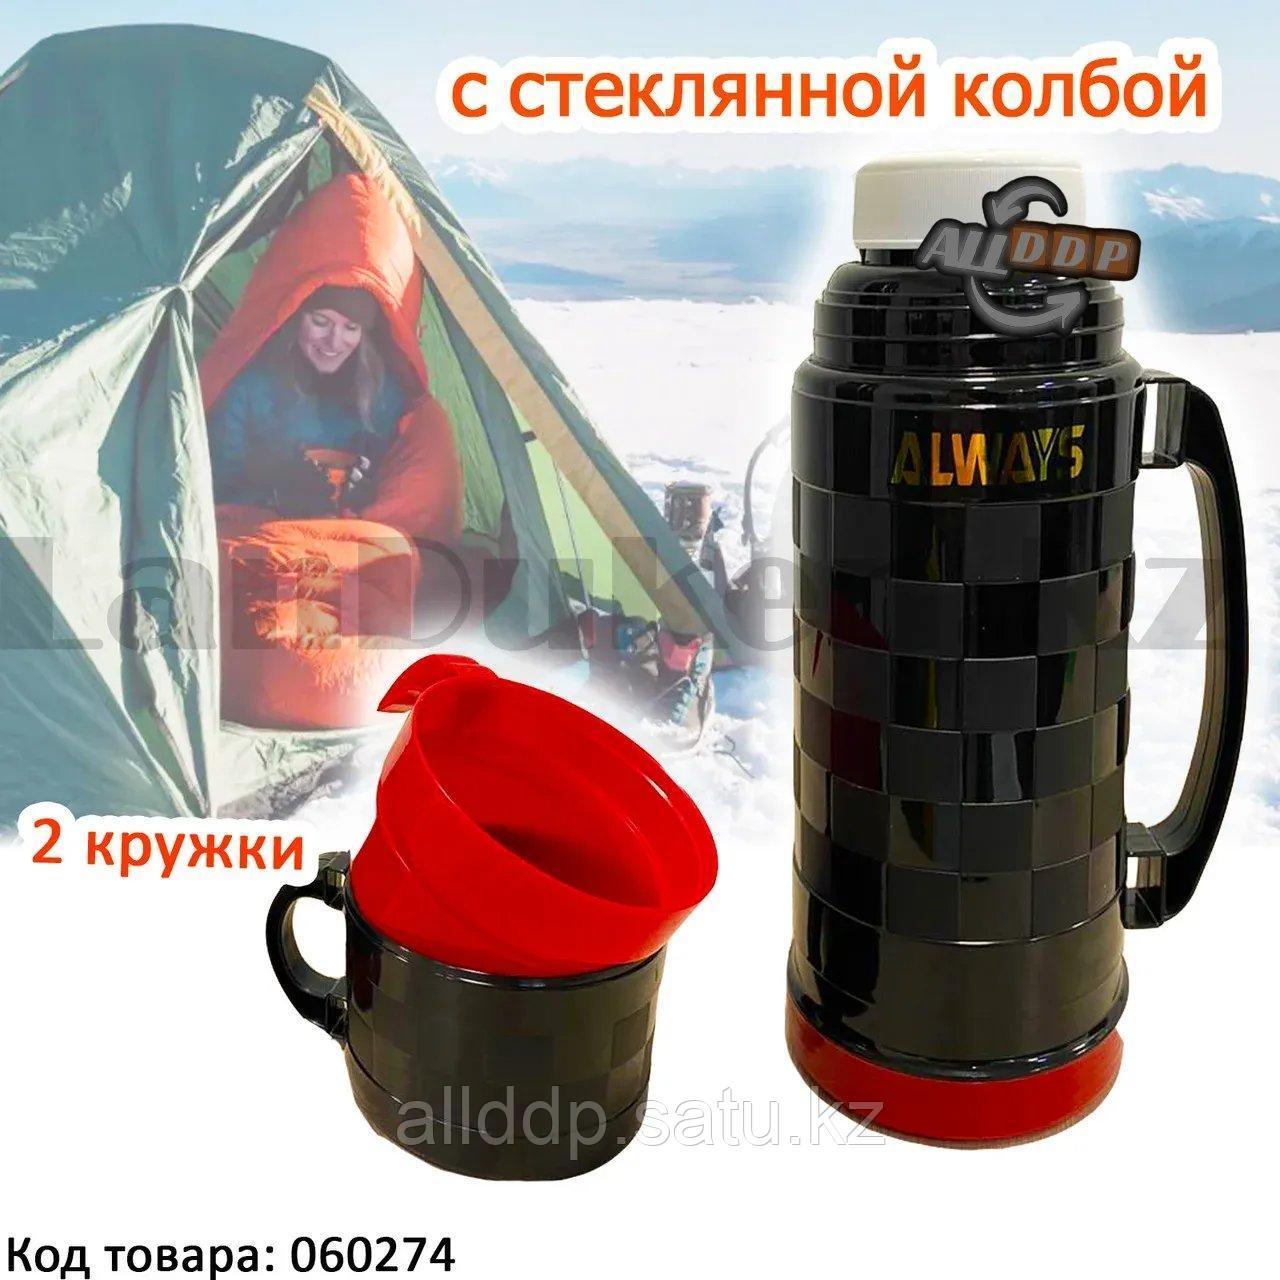 Вакуумный термос для горячих и холодных напитков с стеклянной колбой 2 стакана 1 L Always LV-10 черный